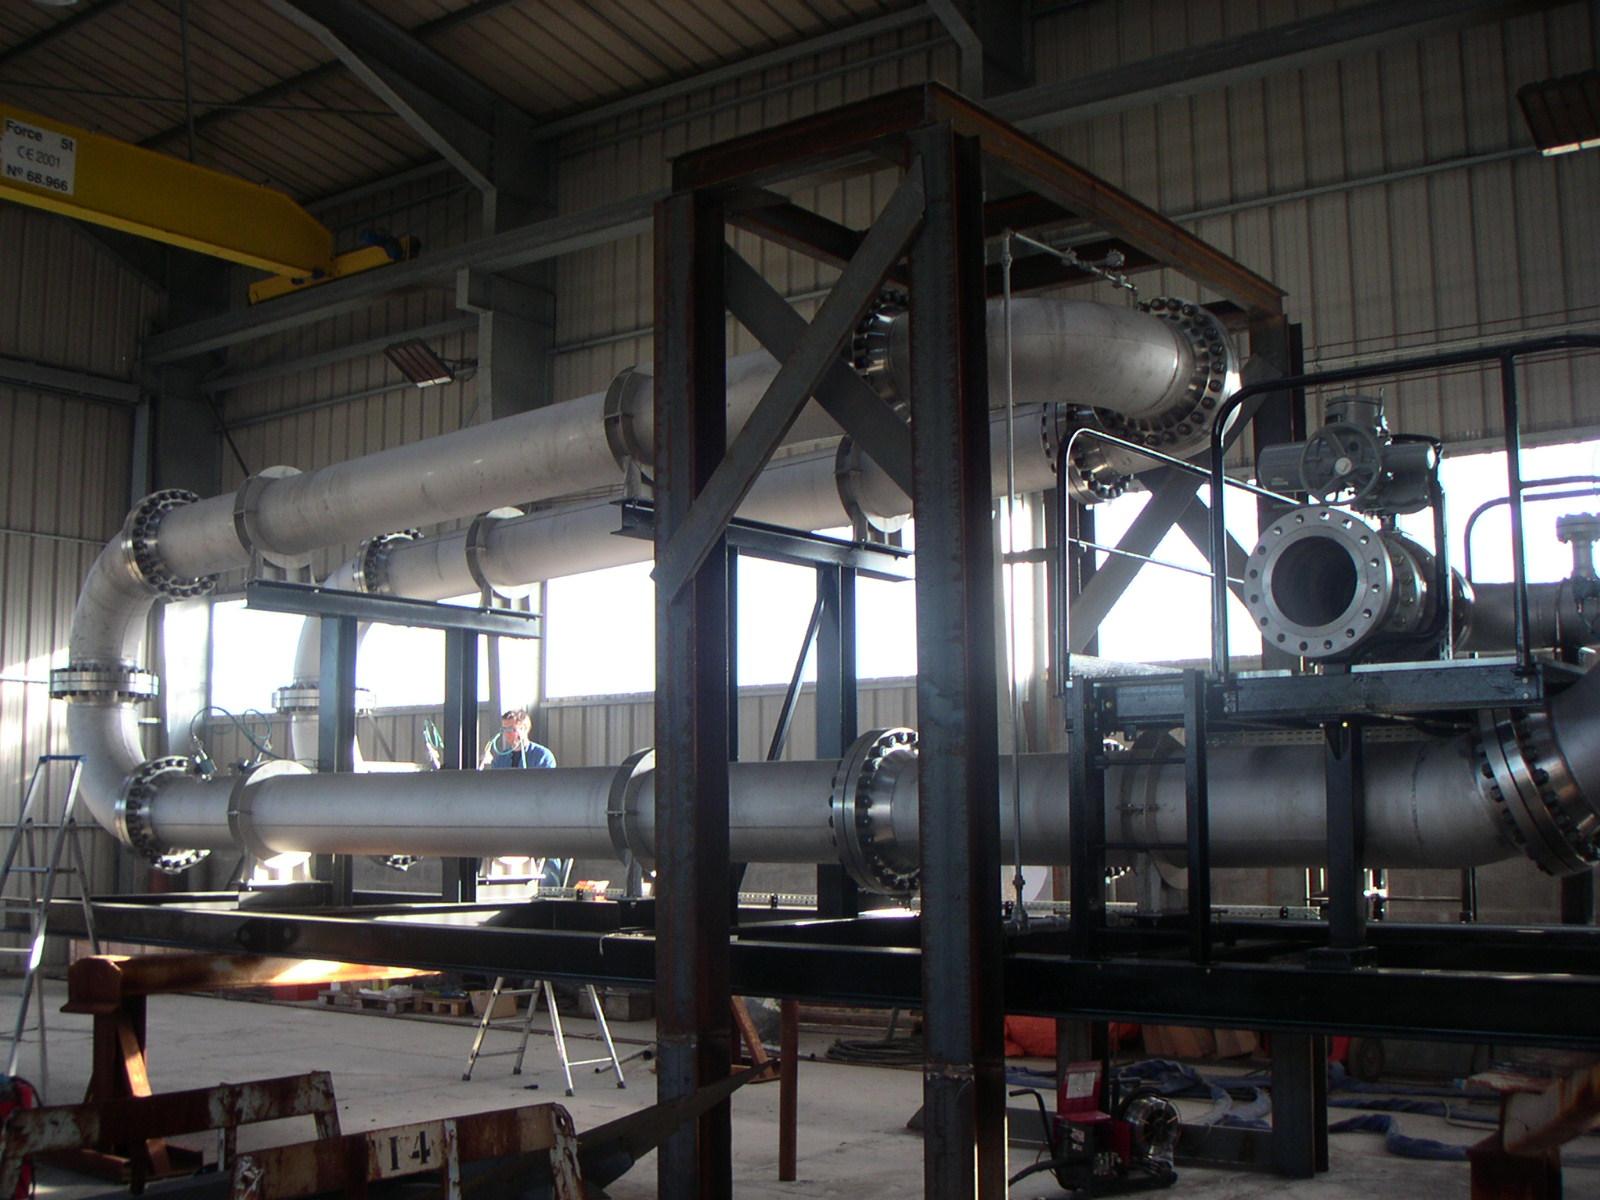 پروژه تأمین مصالح، نصب و راه اندازی تجهیزات ابزار دقیق